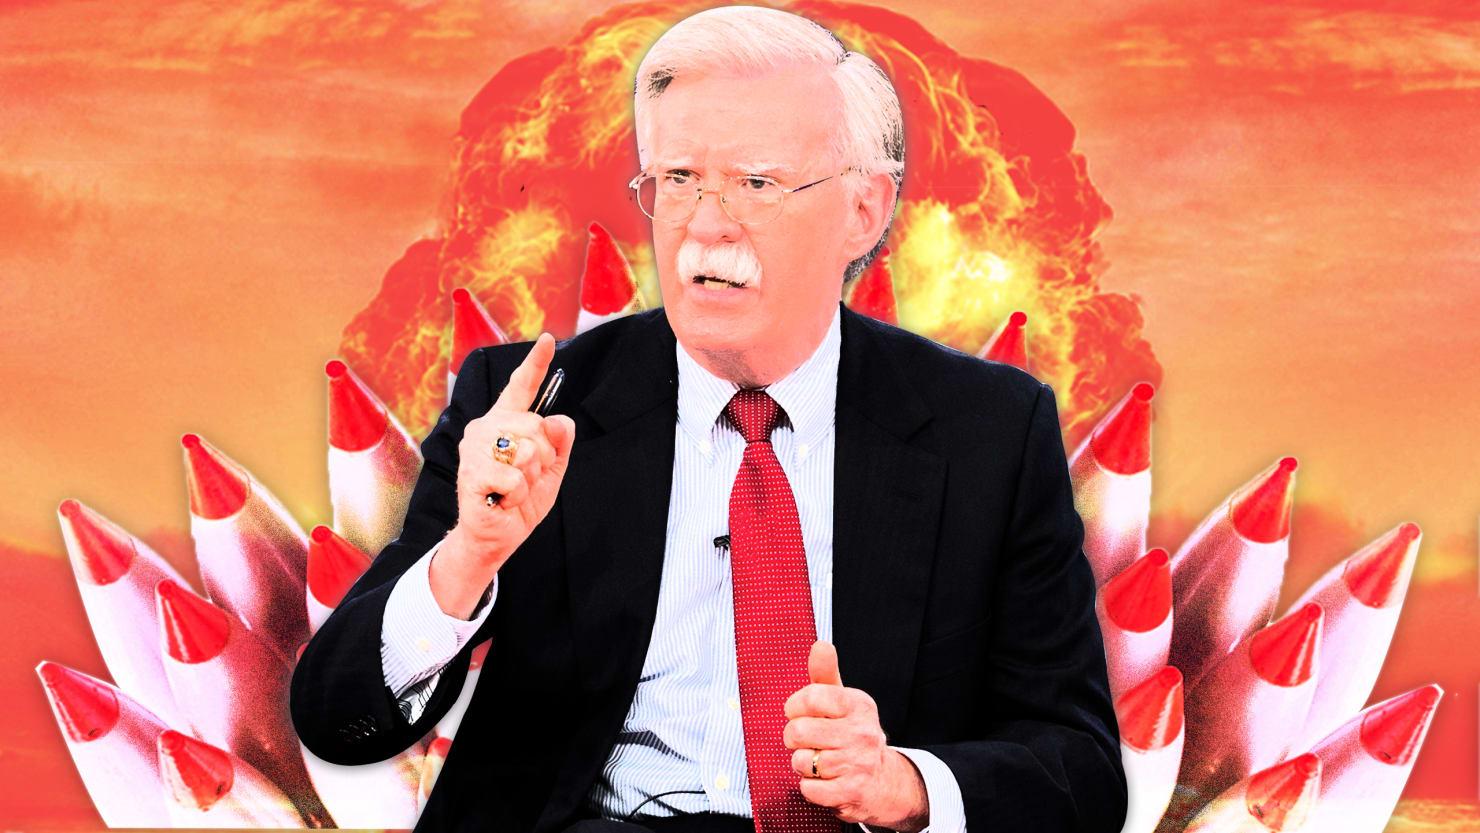 تصویر جان بولتونِ هوادار جنگ هستهیی مسئول امنیت ملّی آمریکا شد